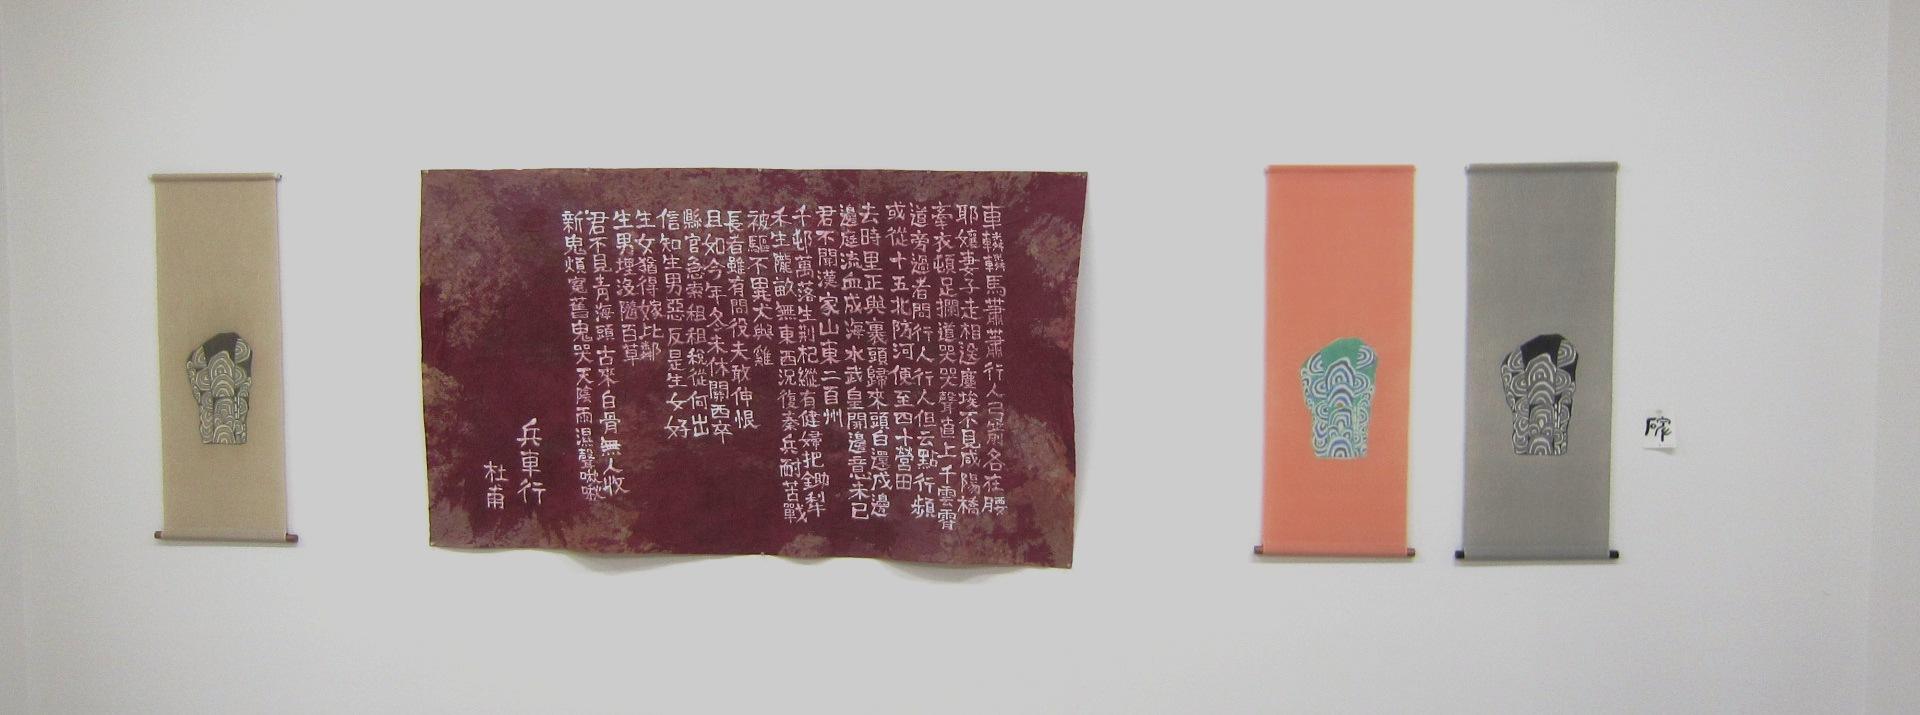 2550) 「長谷川雅志 展」 自由空間 1月?日(?)~1月28日(土)_f0126829_22104722.jpg